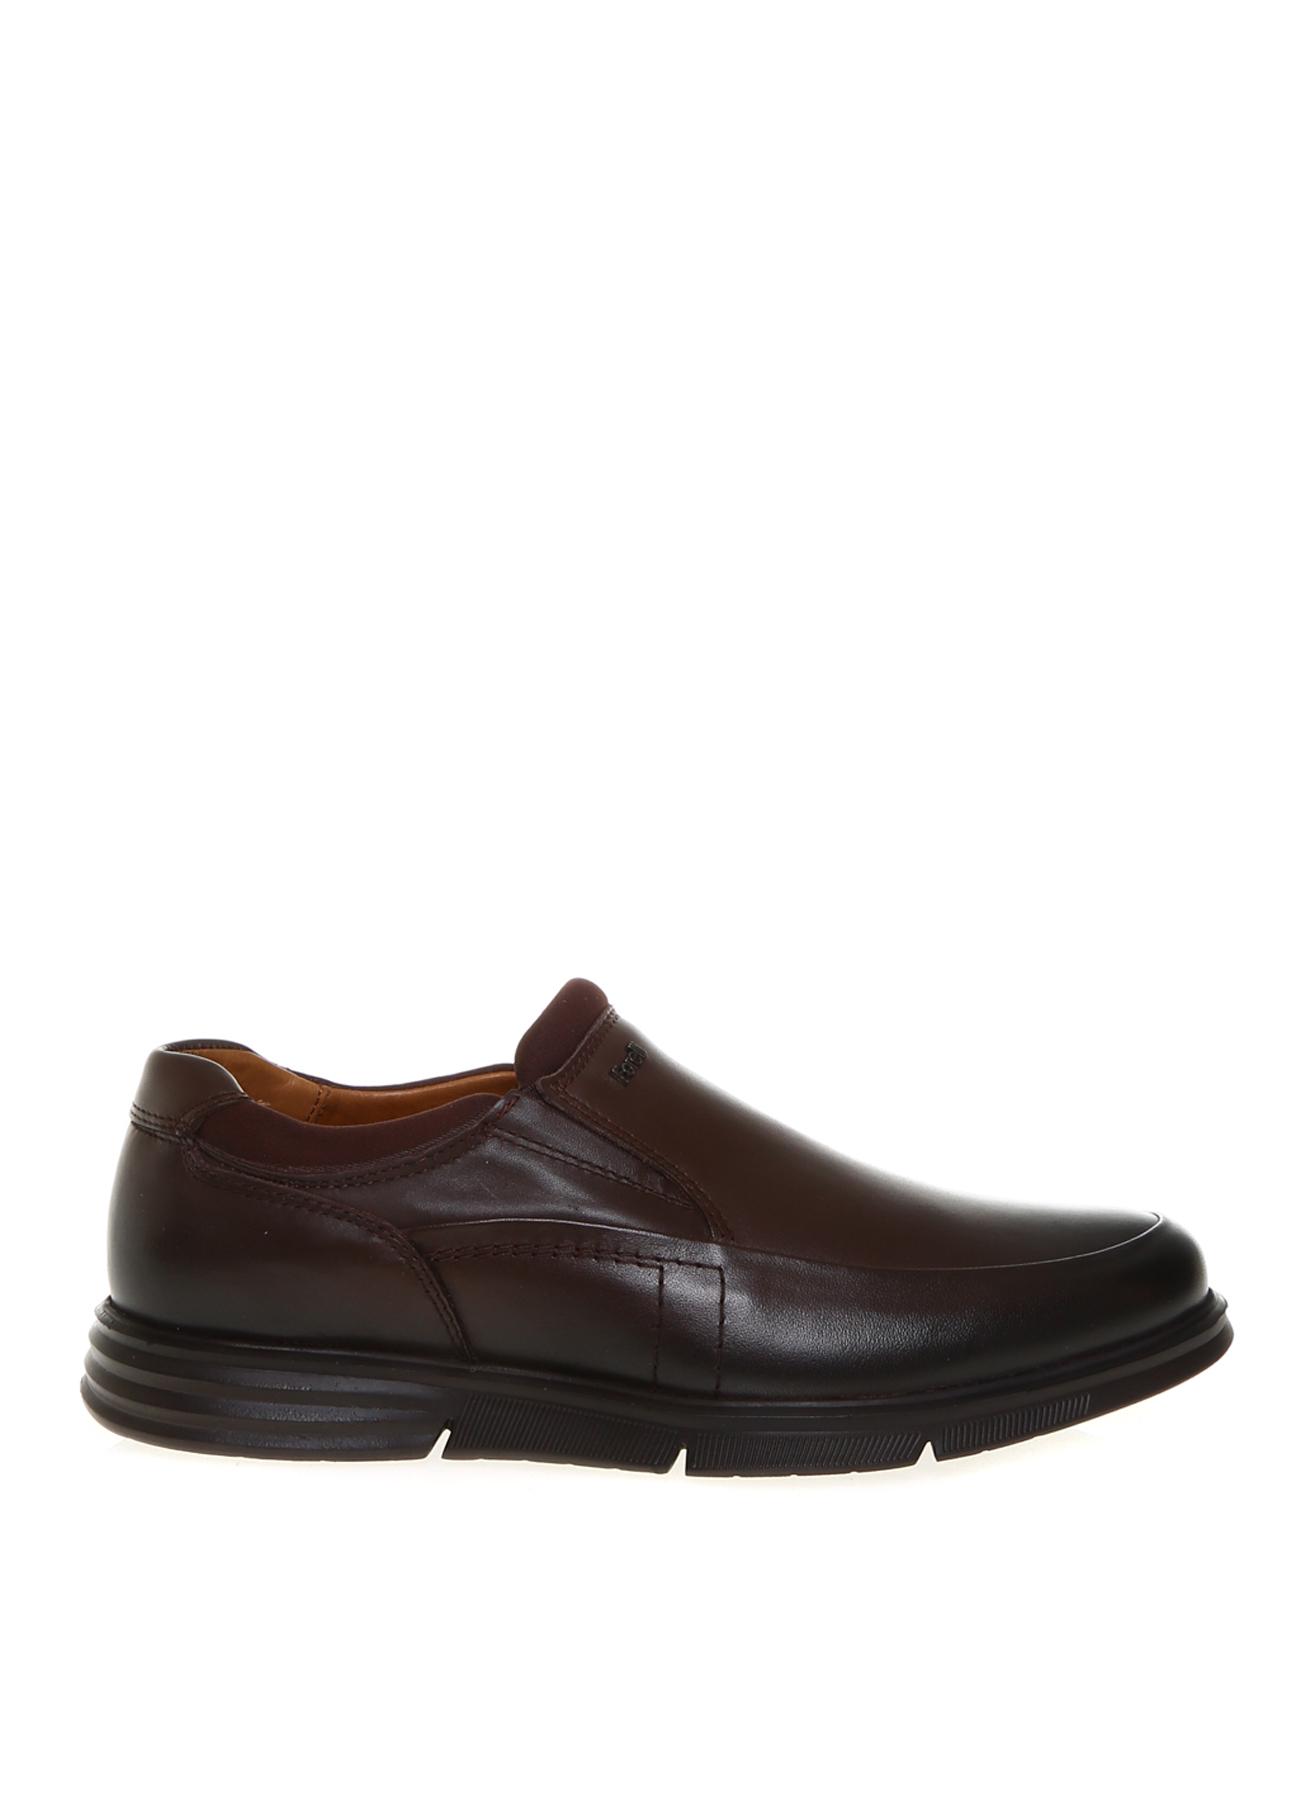 Forelli Klasik Ayakkabı 40 5001922231001 Ürün Resmi